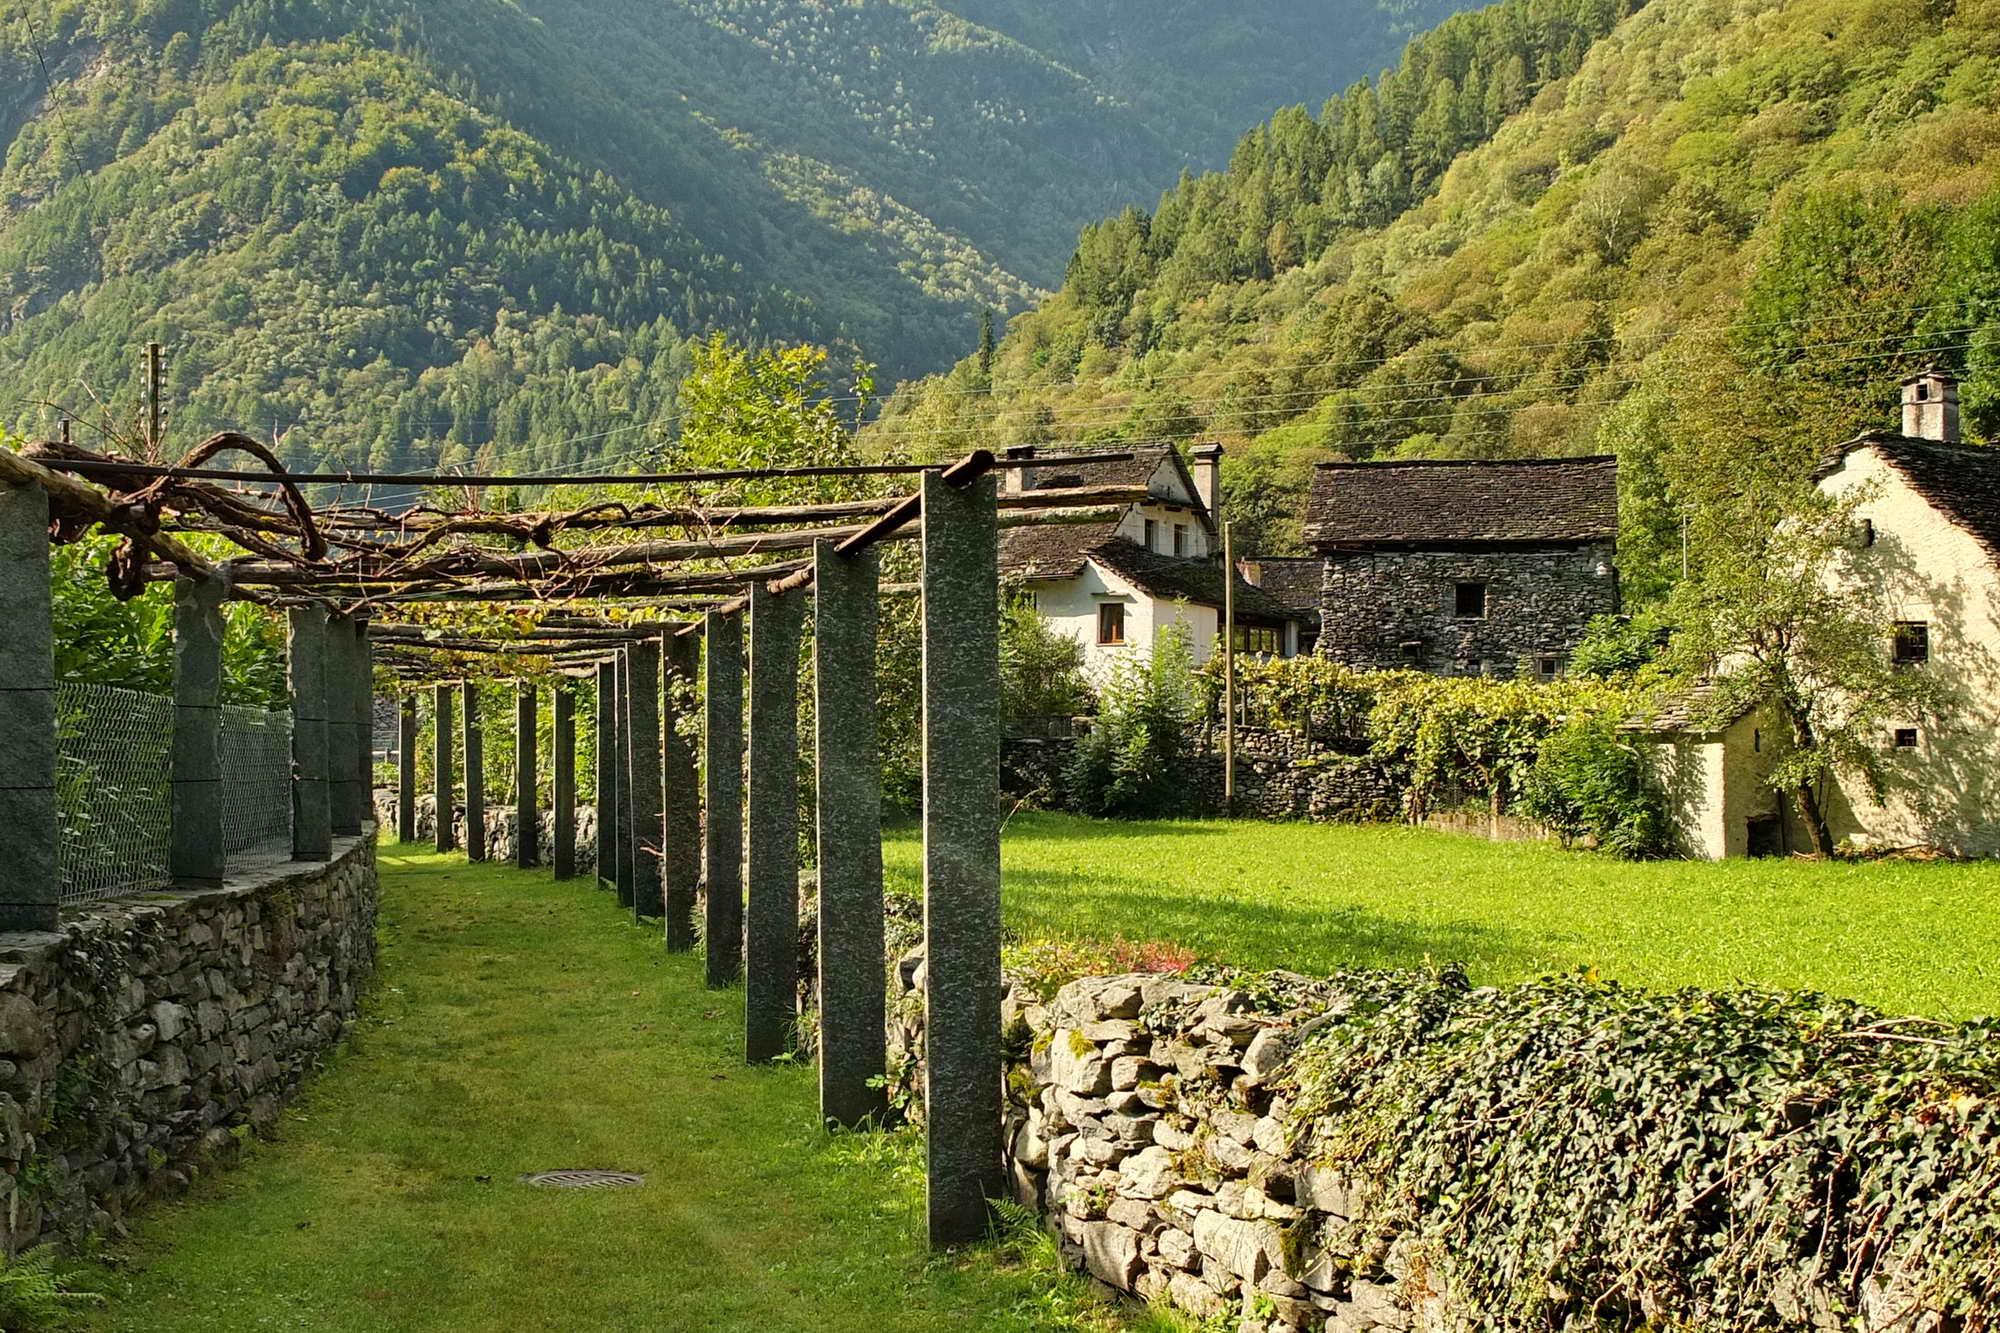 MT 7.9 Cavergno > Bosco Gurin (Tessin)